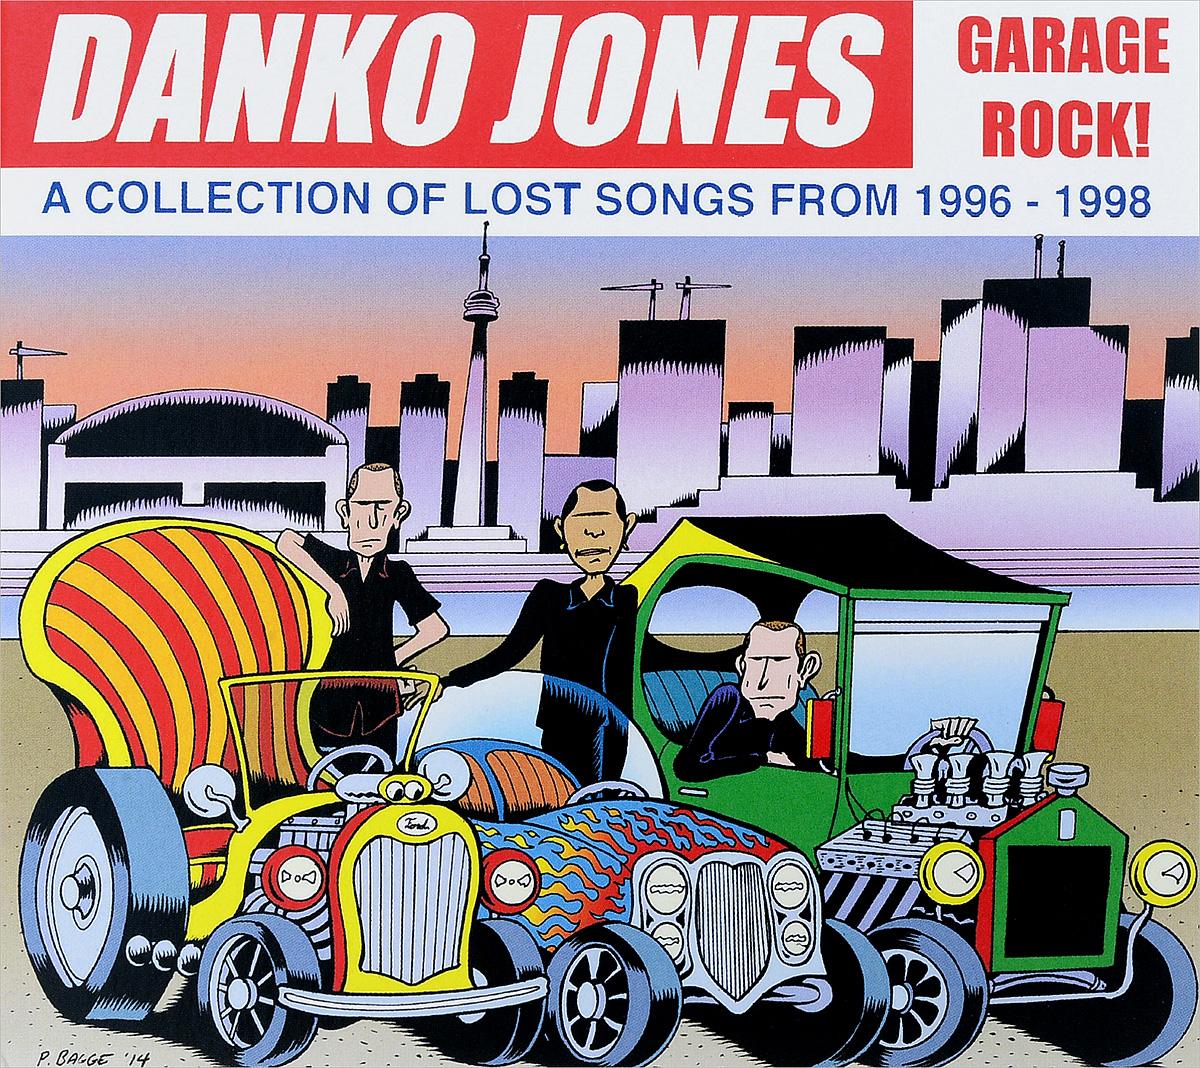 Danko Jones Danko Jones. Garage Rock! - A Collection Of Lost Songs From 1996 - 1998